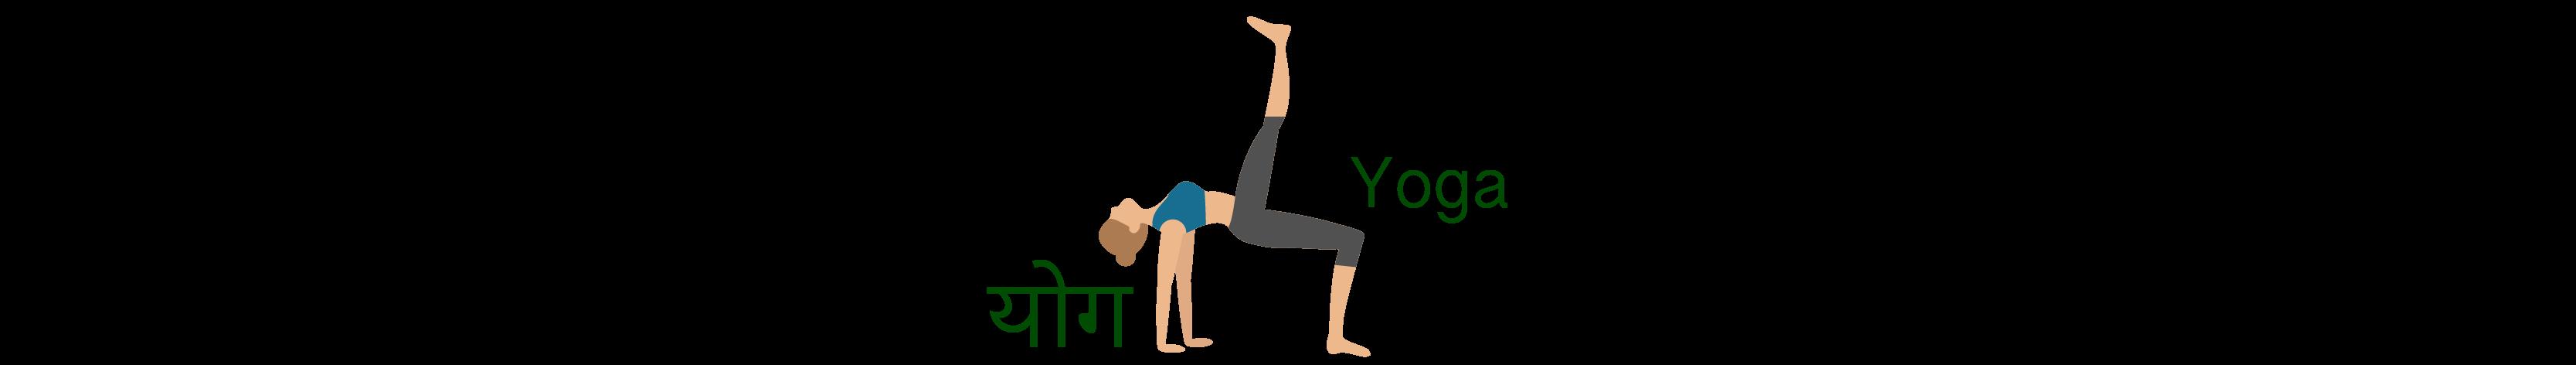 瑜伽女孩分割动图.gif